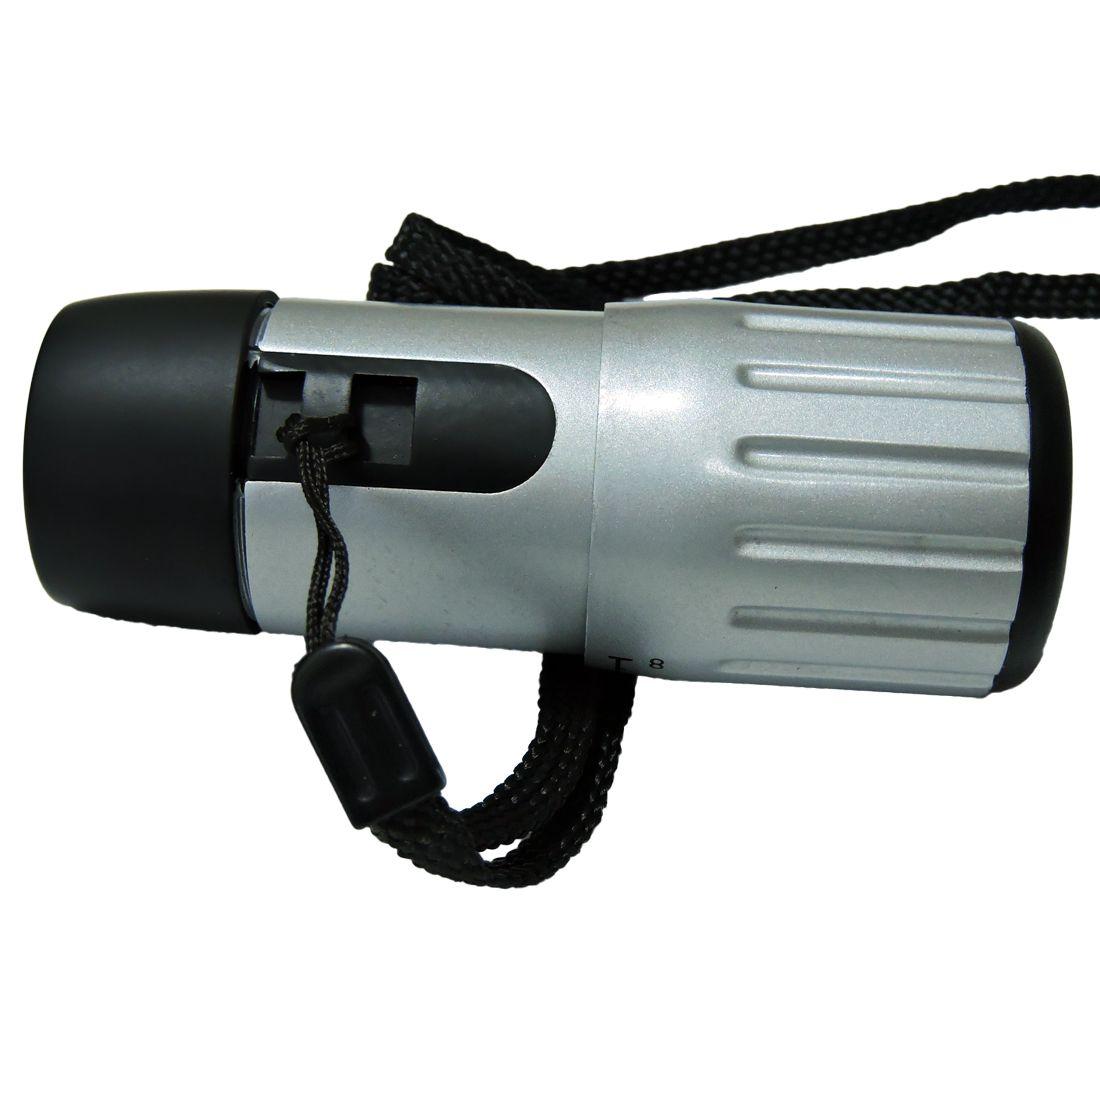 PONTA DE ESTOQUE -  Monóculo Black Bull 6x18 Ultra Compacto